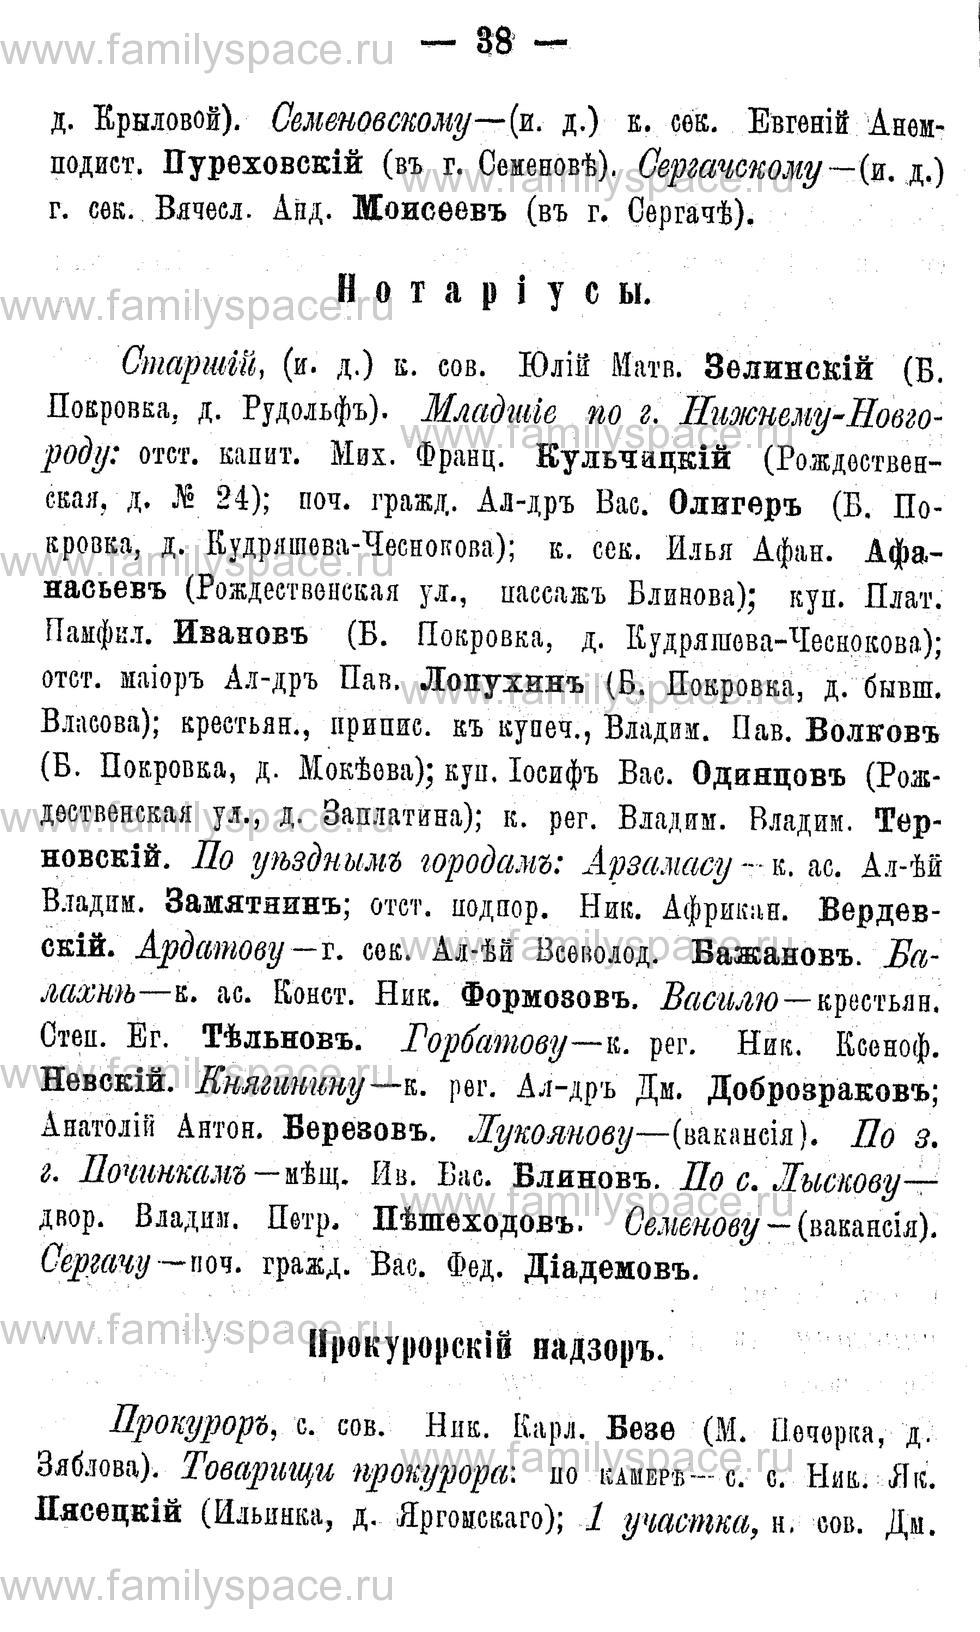 Поиск по фамилии - Адрес-календарь Нижегородской губернии на 1891 год, страница 38